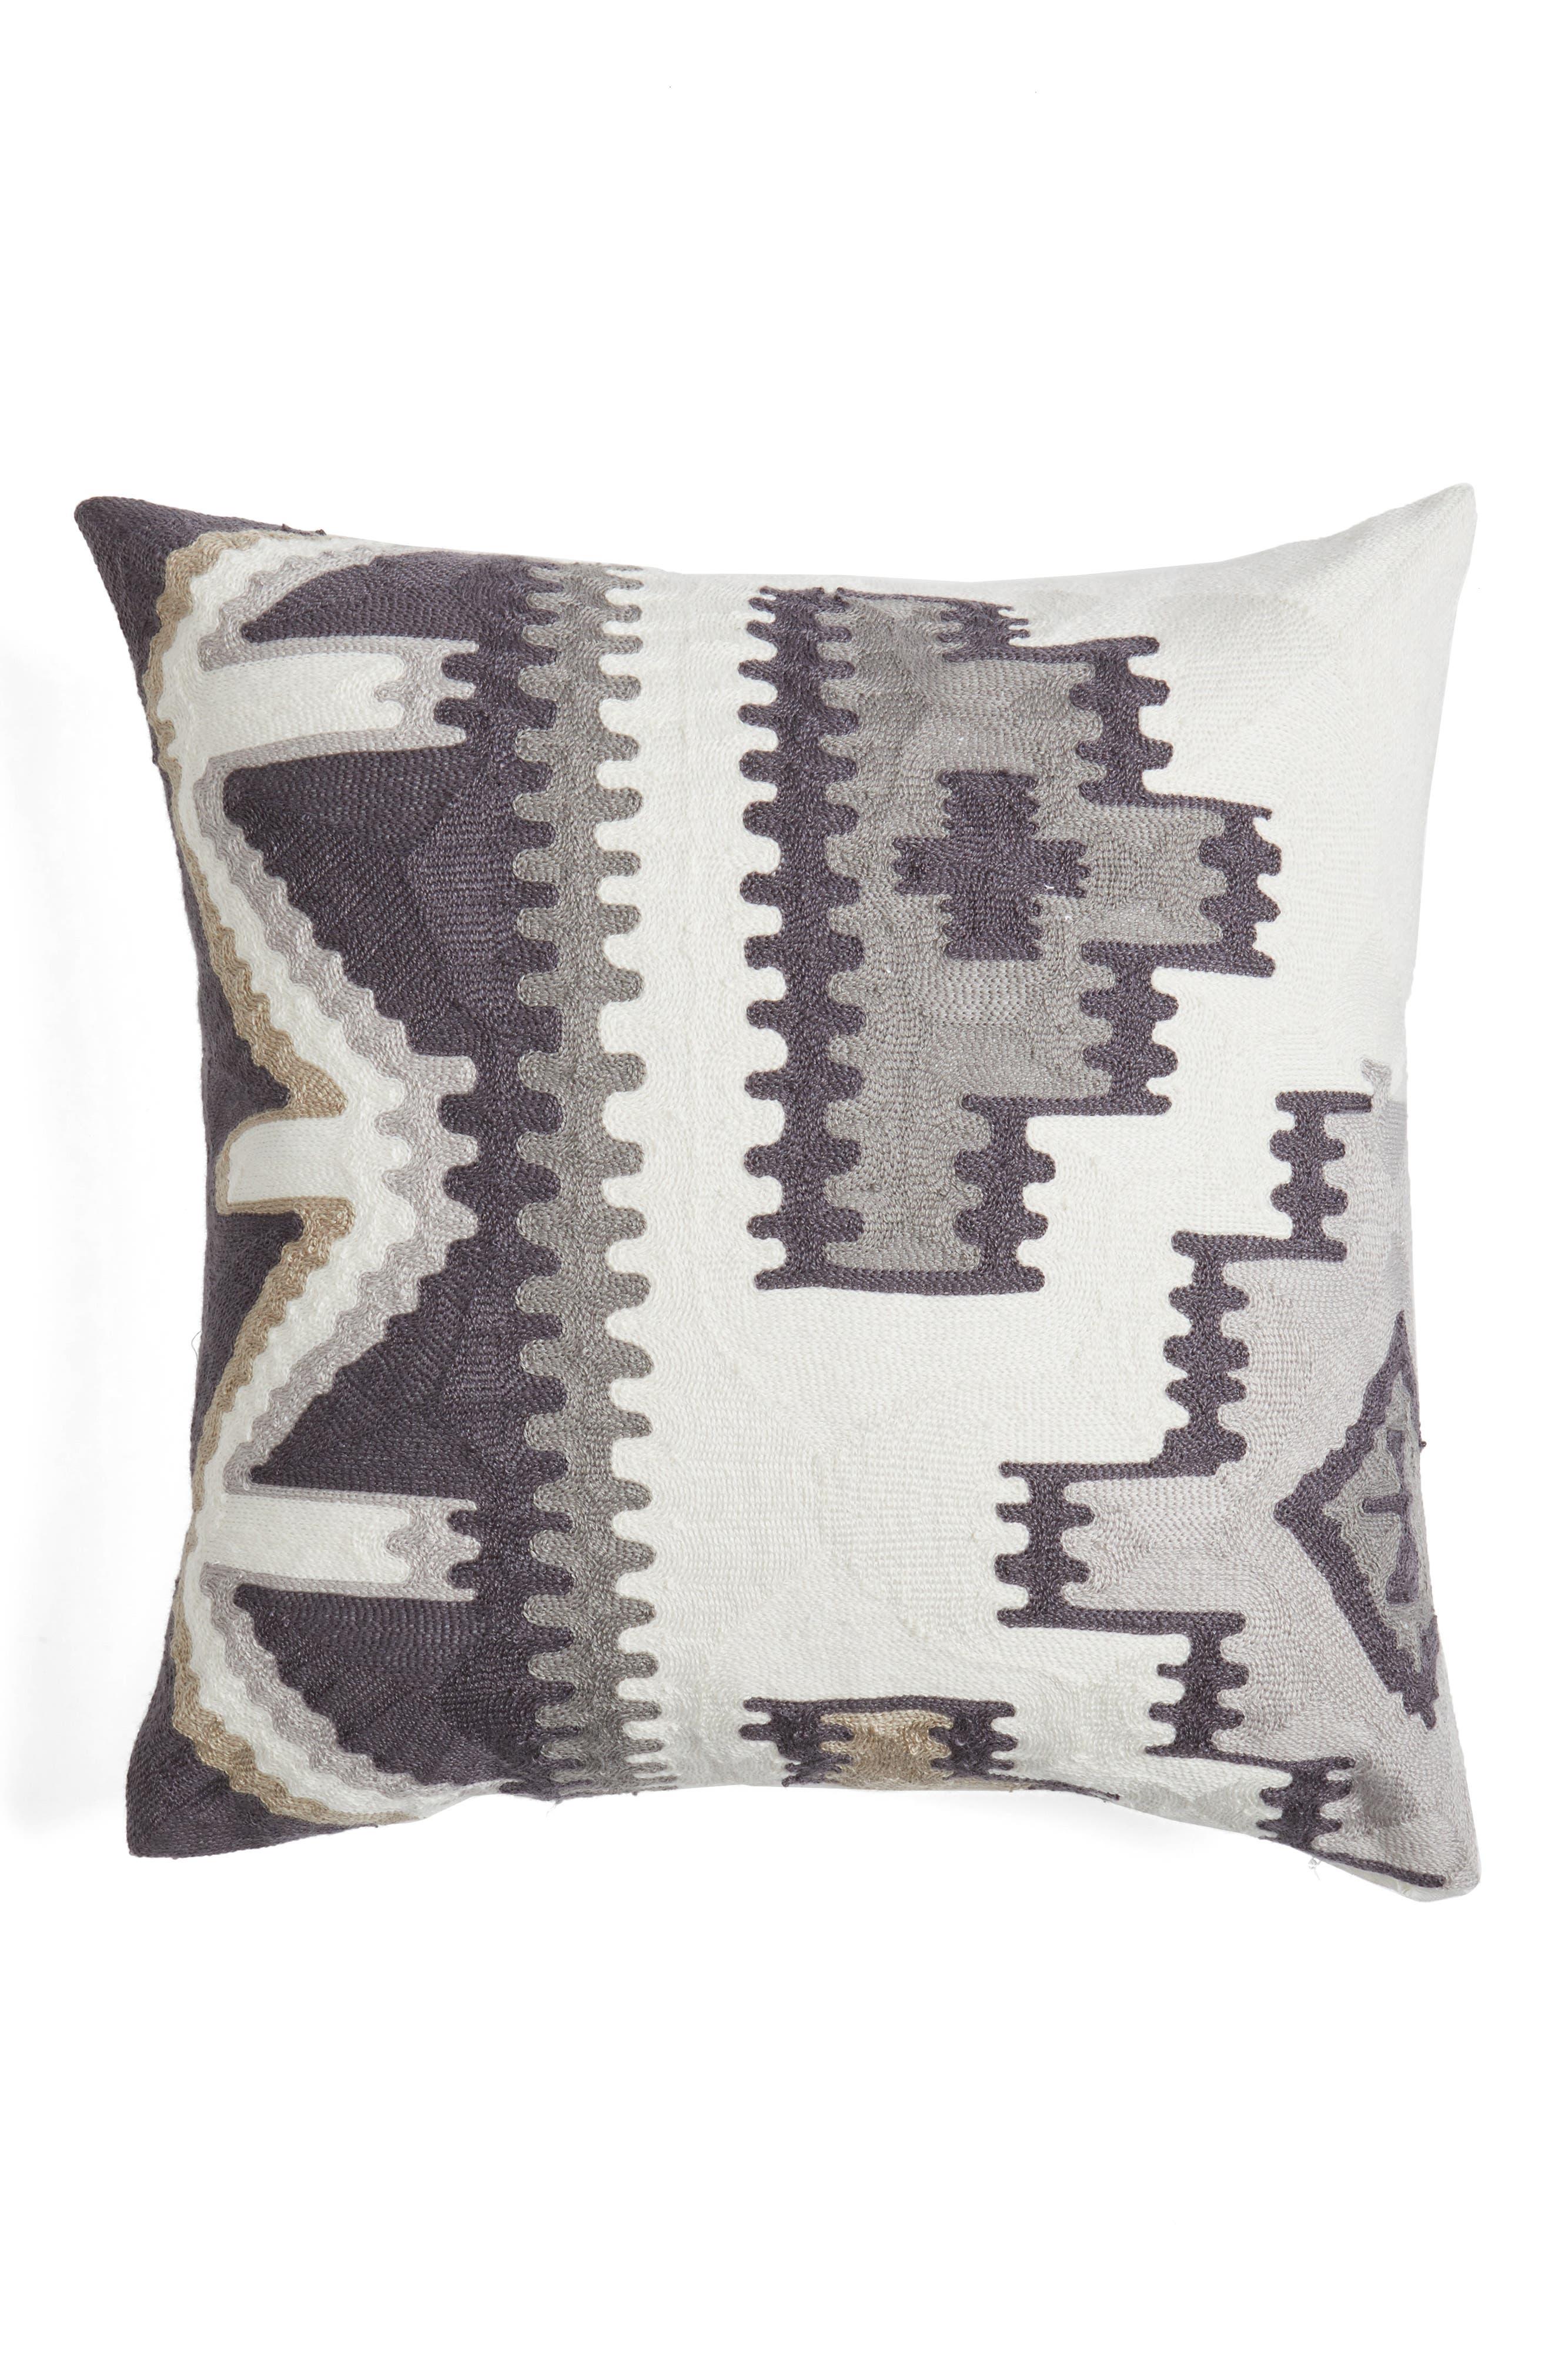 Levtex Matmi Towel Stitch Accent Pillow